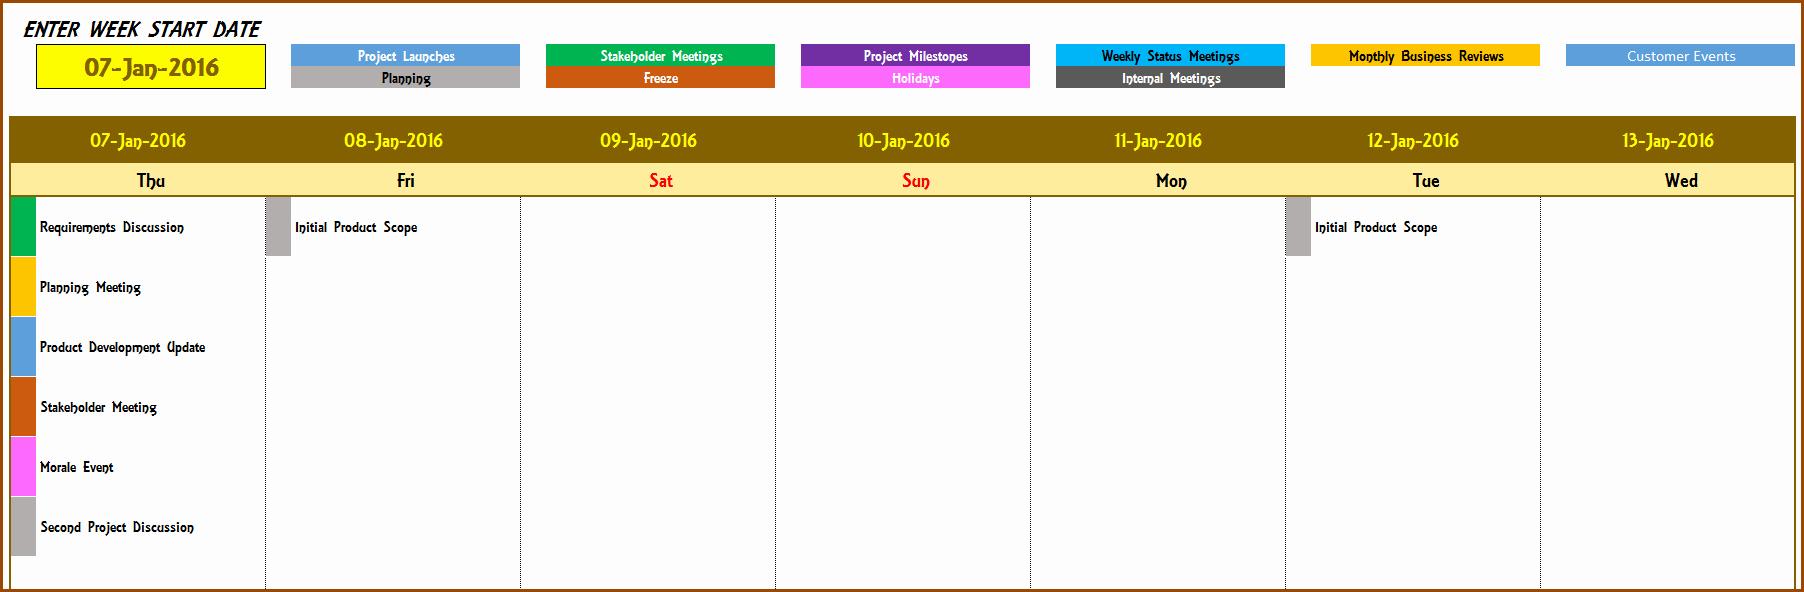 Weekly Calendar Template Excel Luxury Excel Calendar Template Excel Calendar 2019 2020 or Any